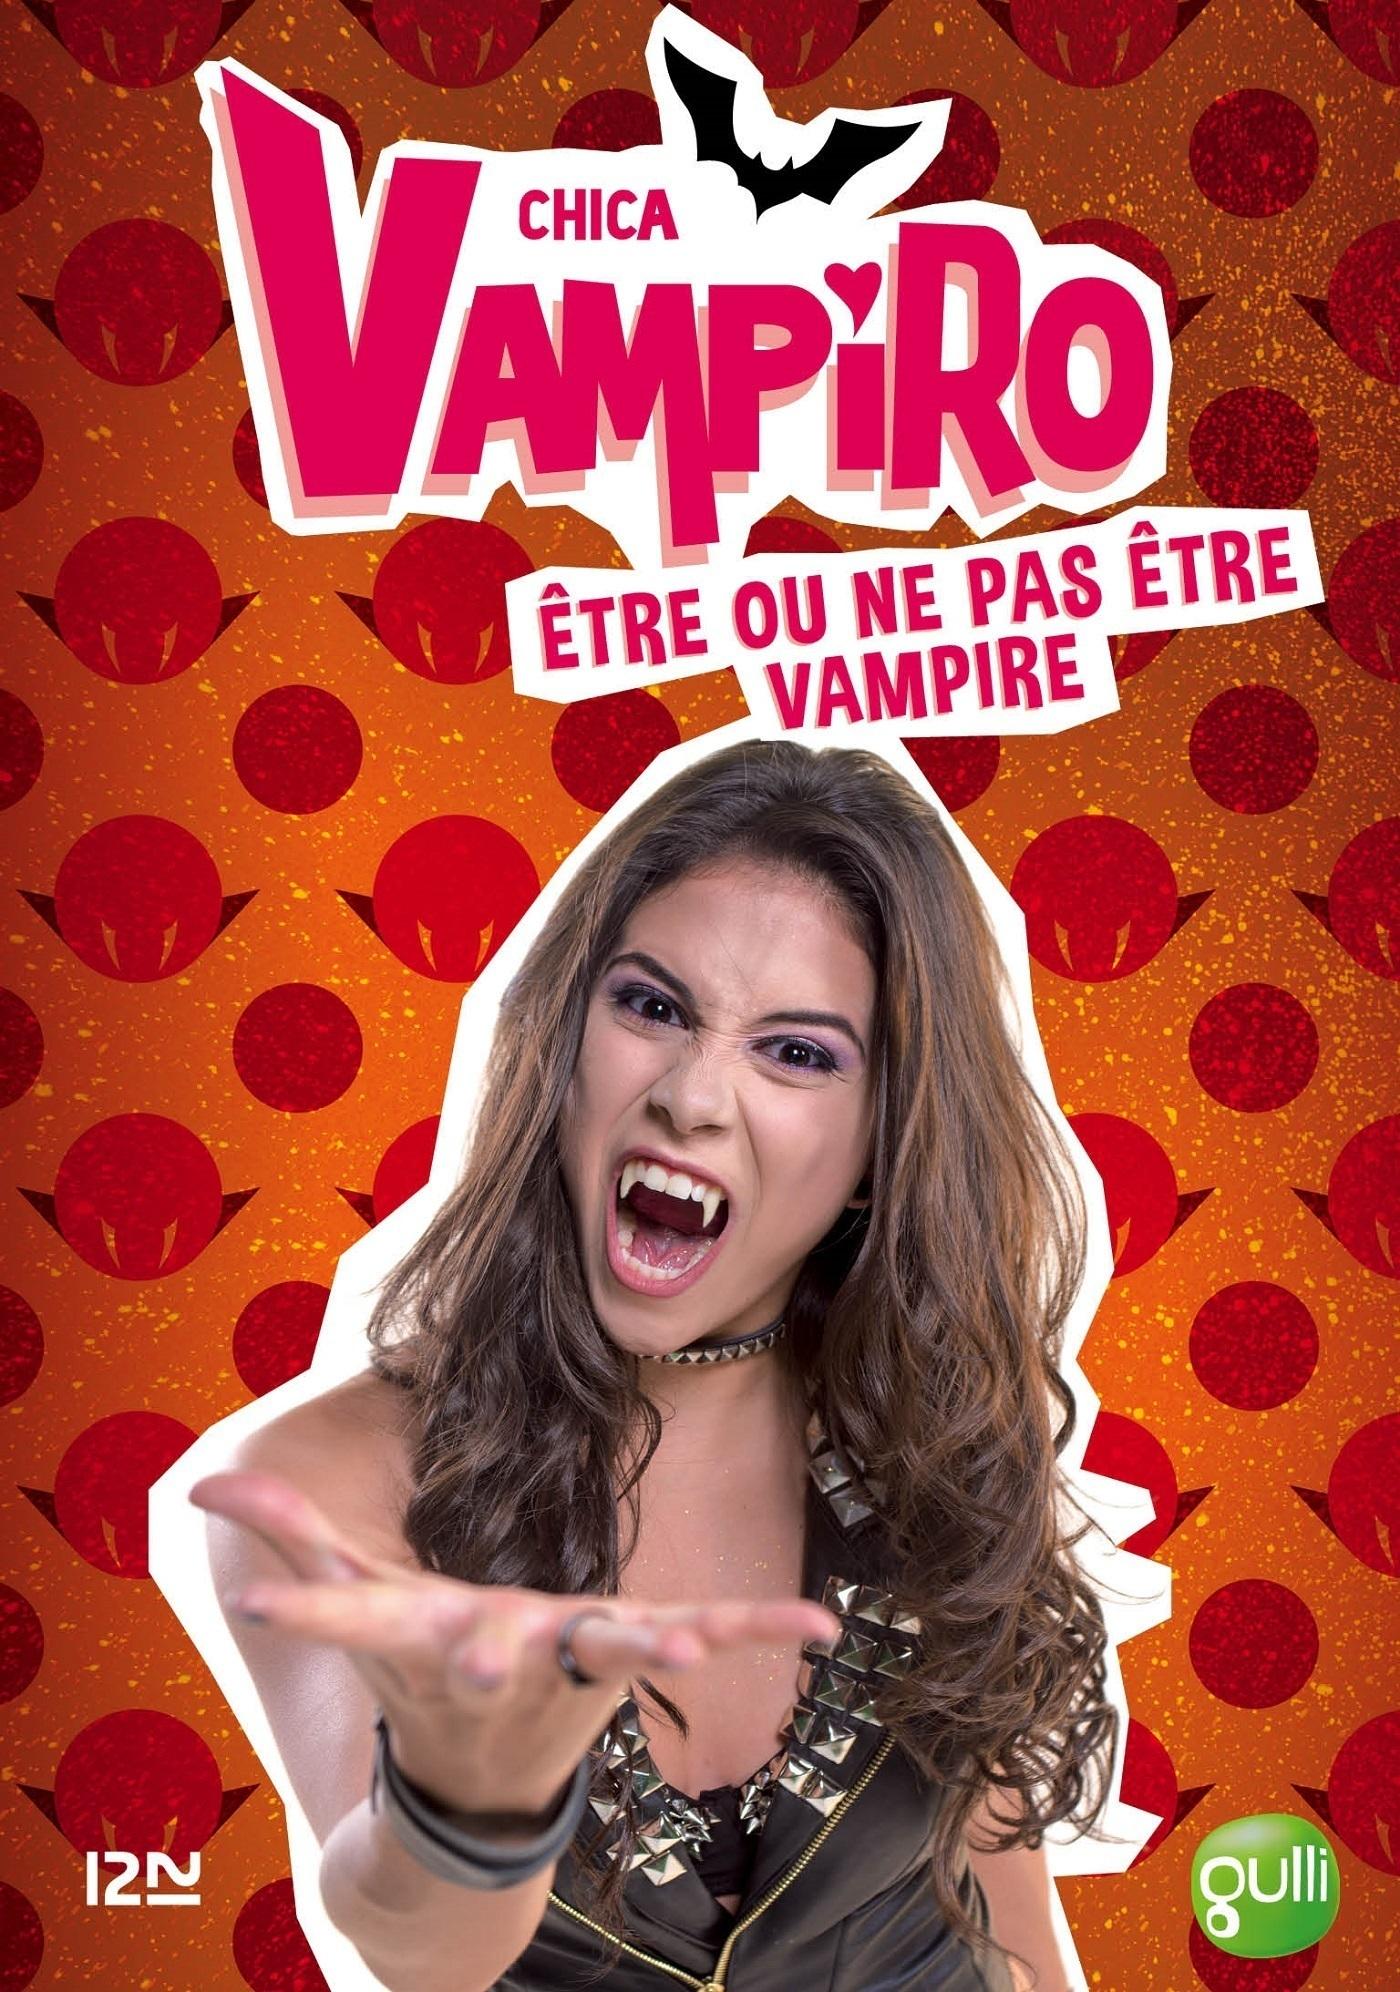 Chica Vampiro - tome 3 : Etre ou ne pas être vampire